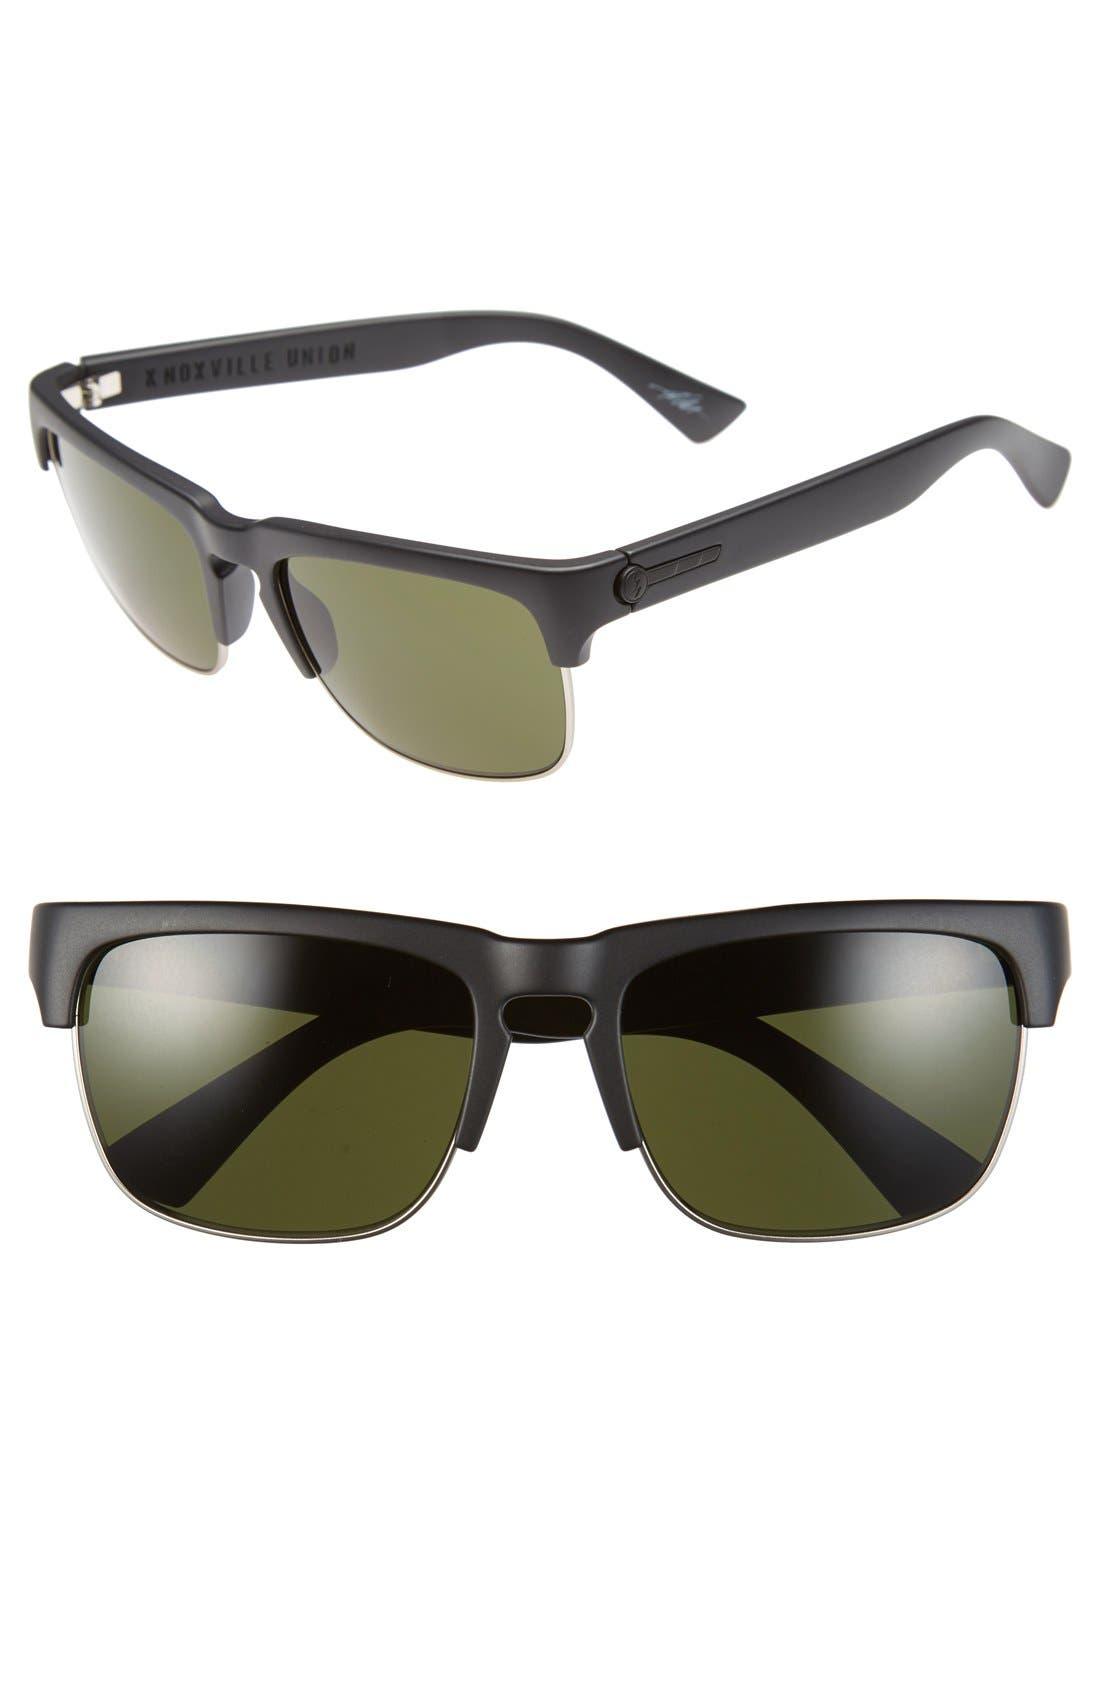 'Knoxville Union' 55mm Sunglasses,                             Main thumbnail 1, color,                             MATTE BLACK/ GREY